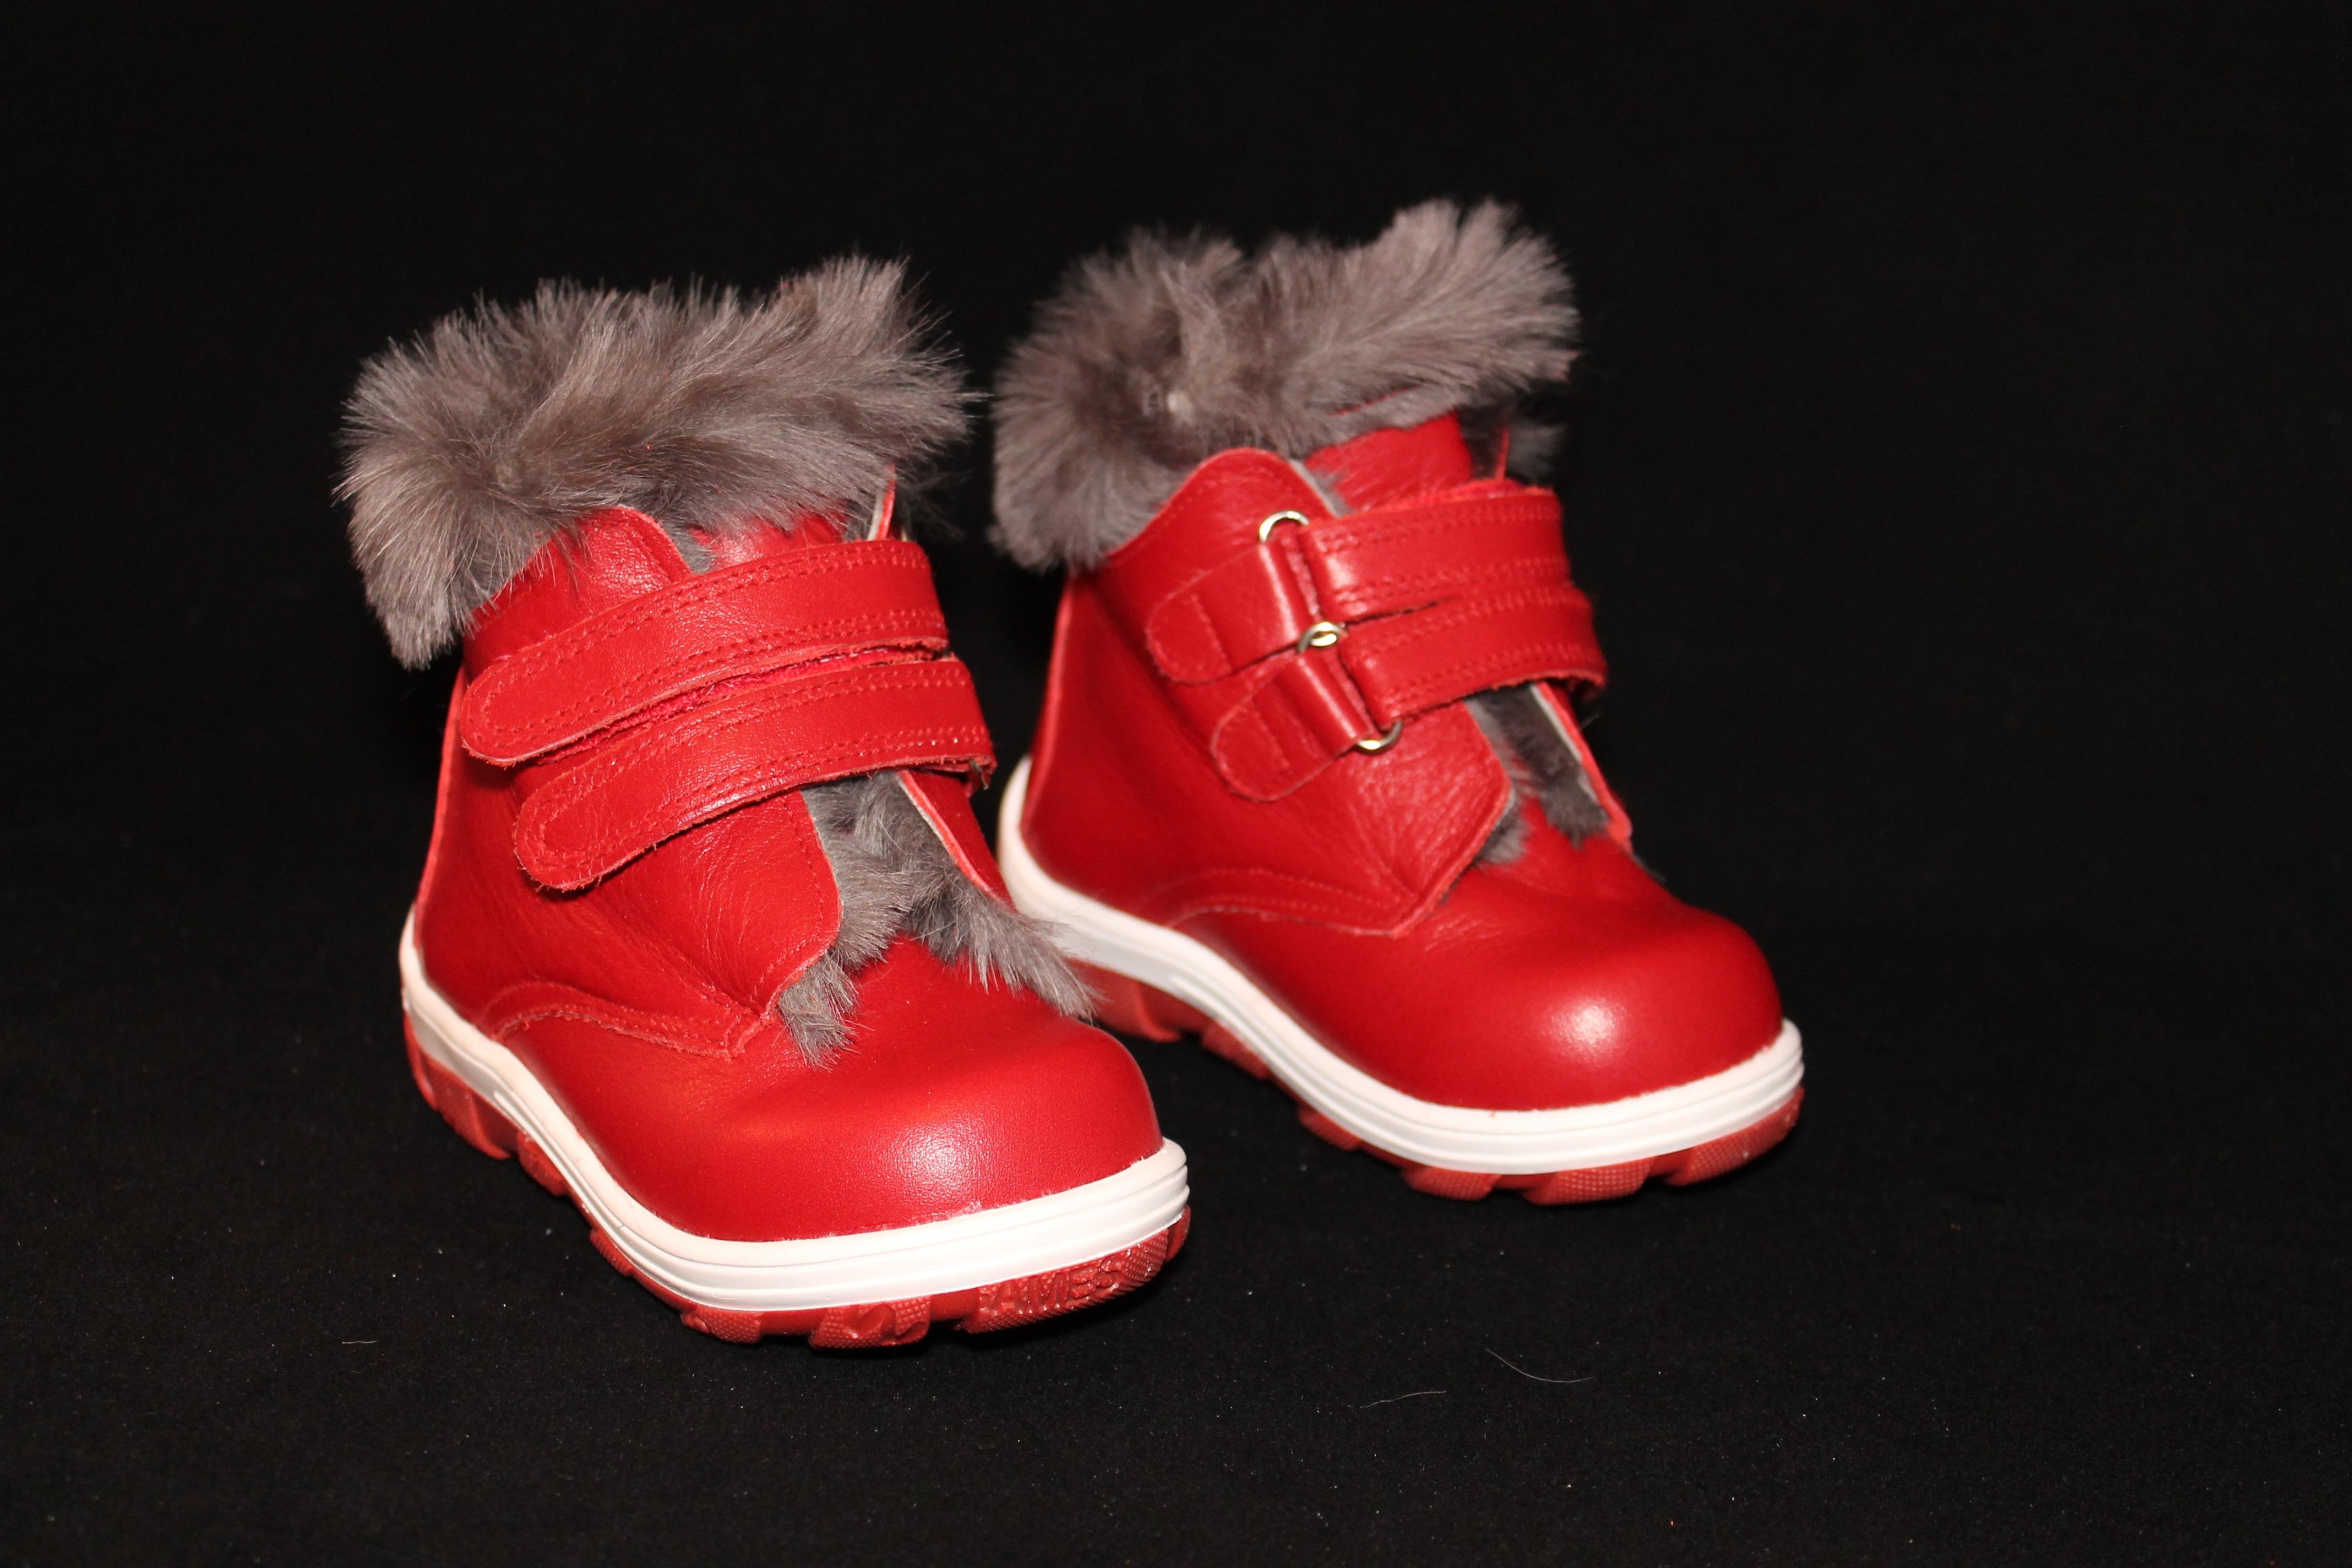 Сбор заказов. Детская богородская обувь. Новогодняя коллекция обуви от 200 руб. Орто 790 руб. Без рядов. Выкуп ноябрь